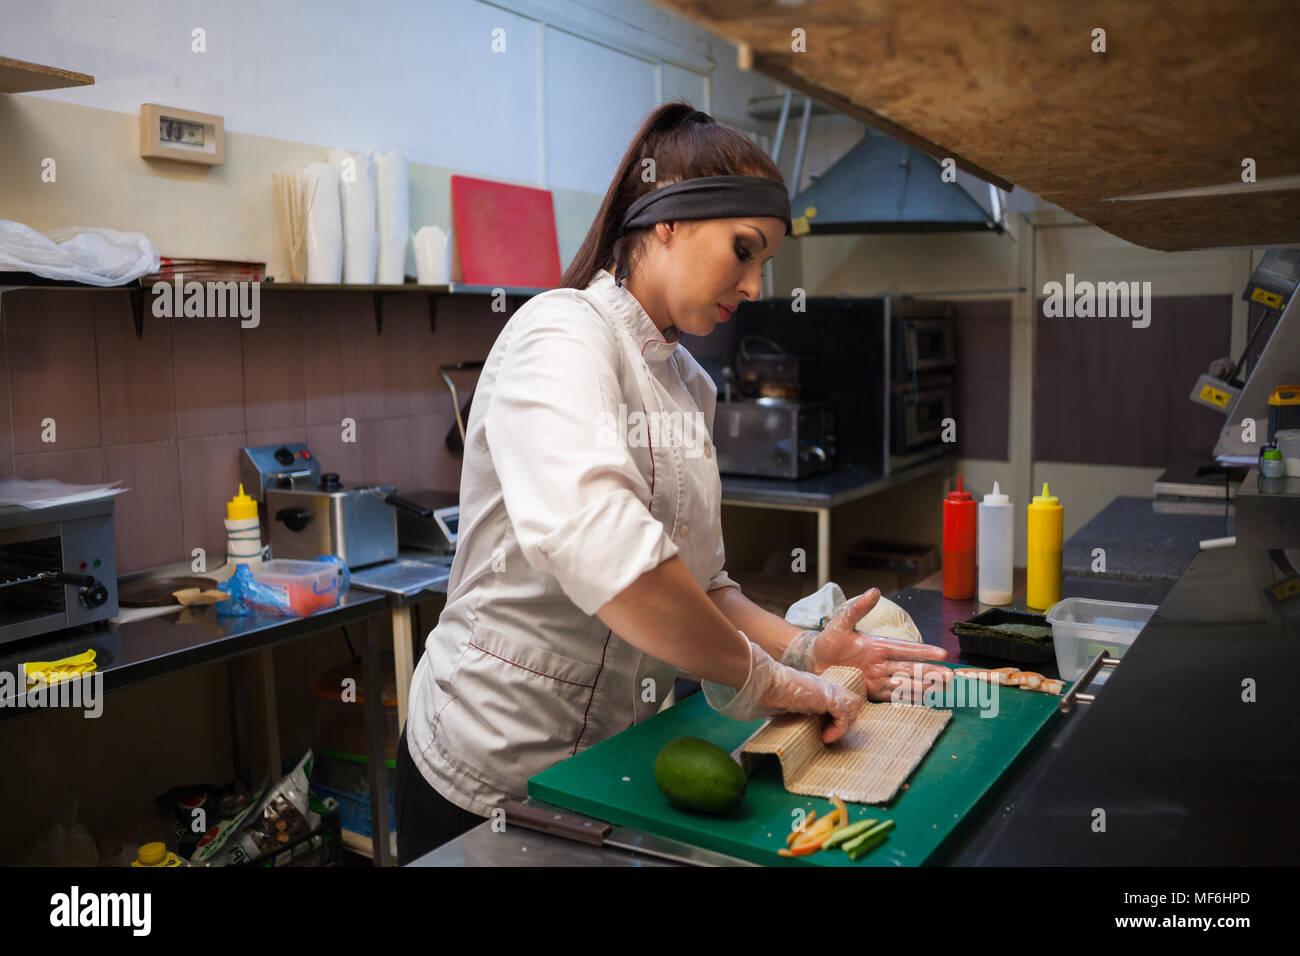 Frau in Weiß Küchenchef bereitet Sushi Restaurant. Stockbild